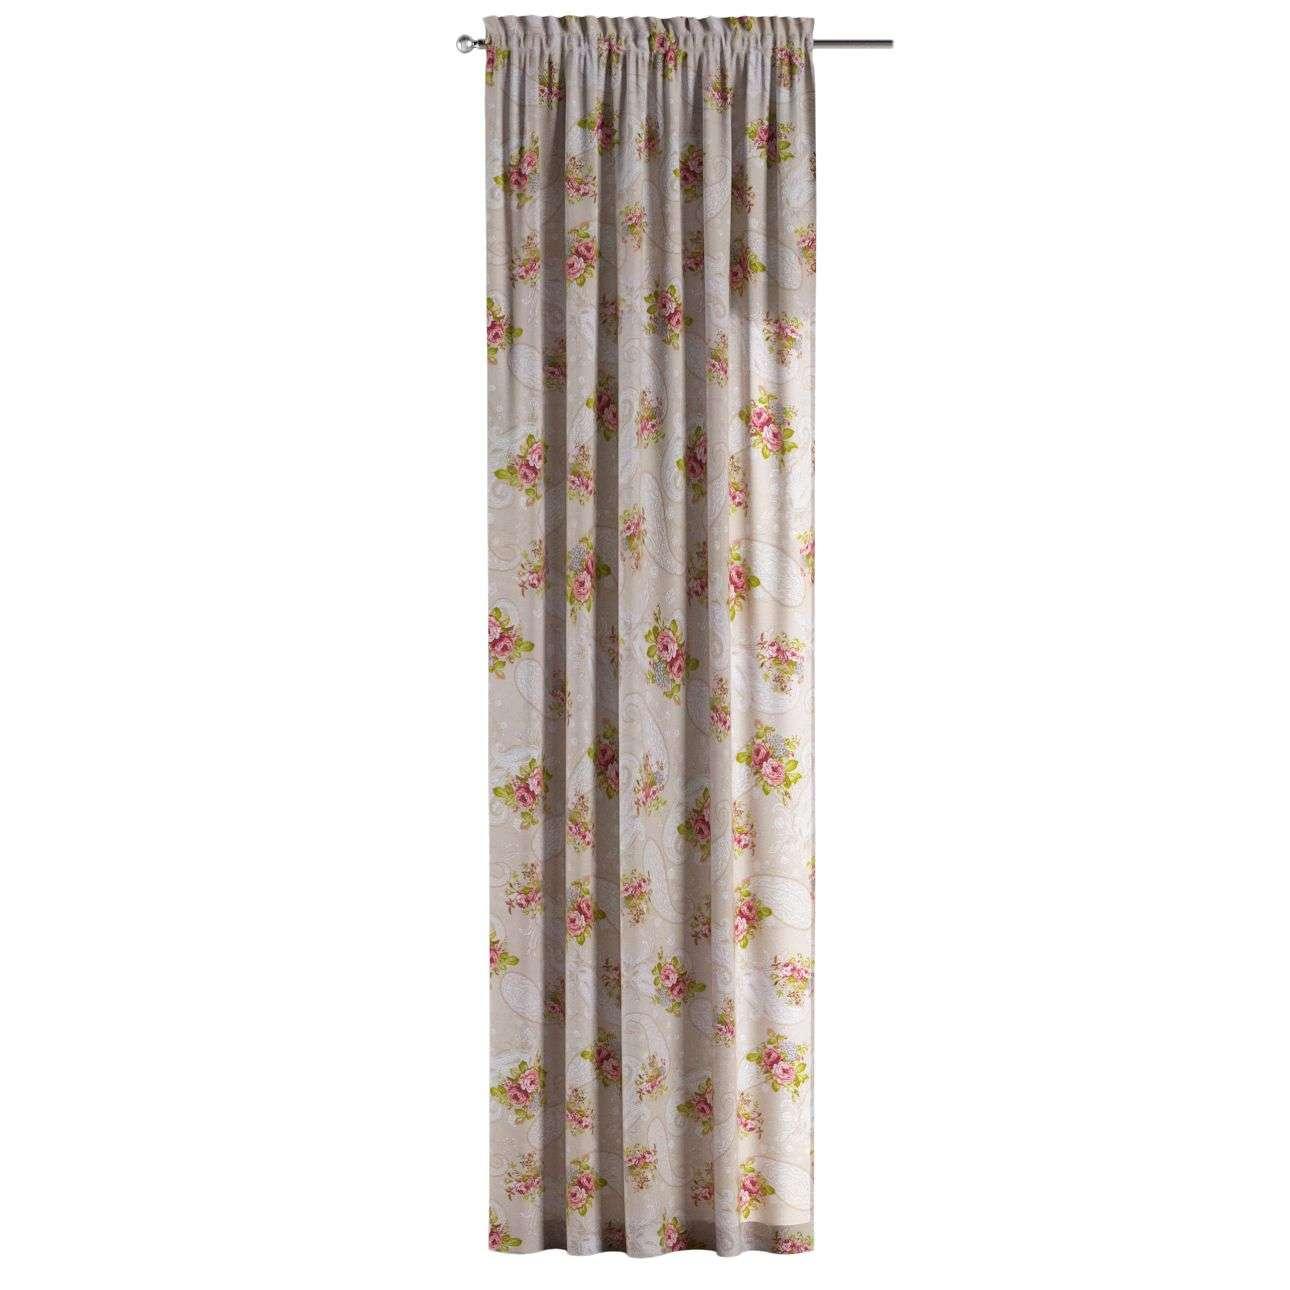 Su paaukštintu viršumi užuolaidos 130 x 260 cm kolekcijoje Flowers, audinys: 311-15